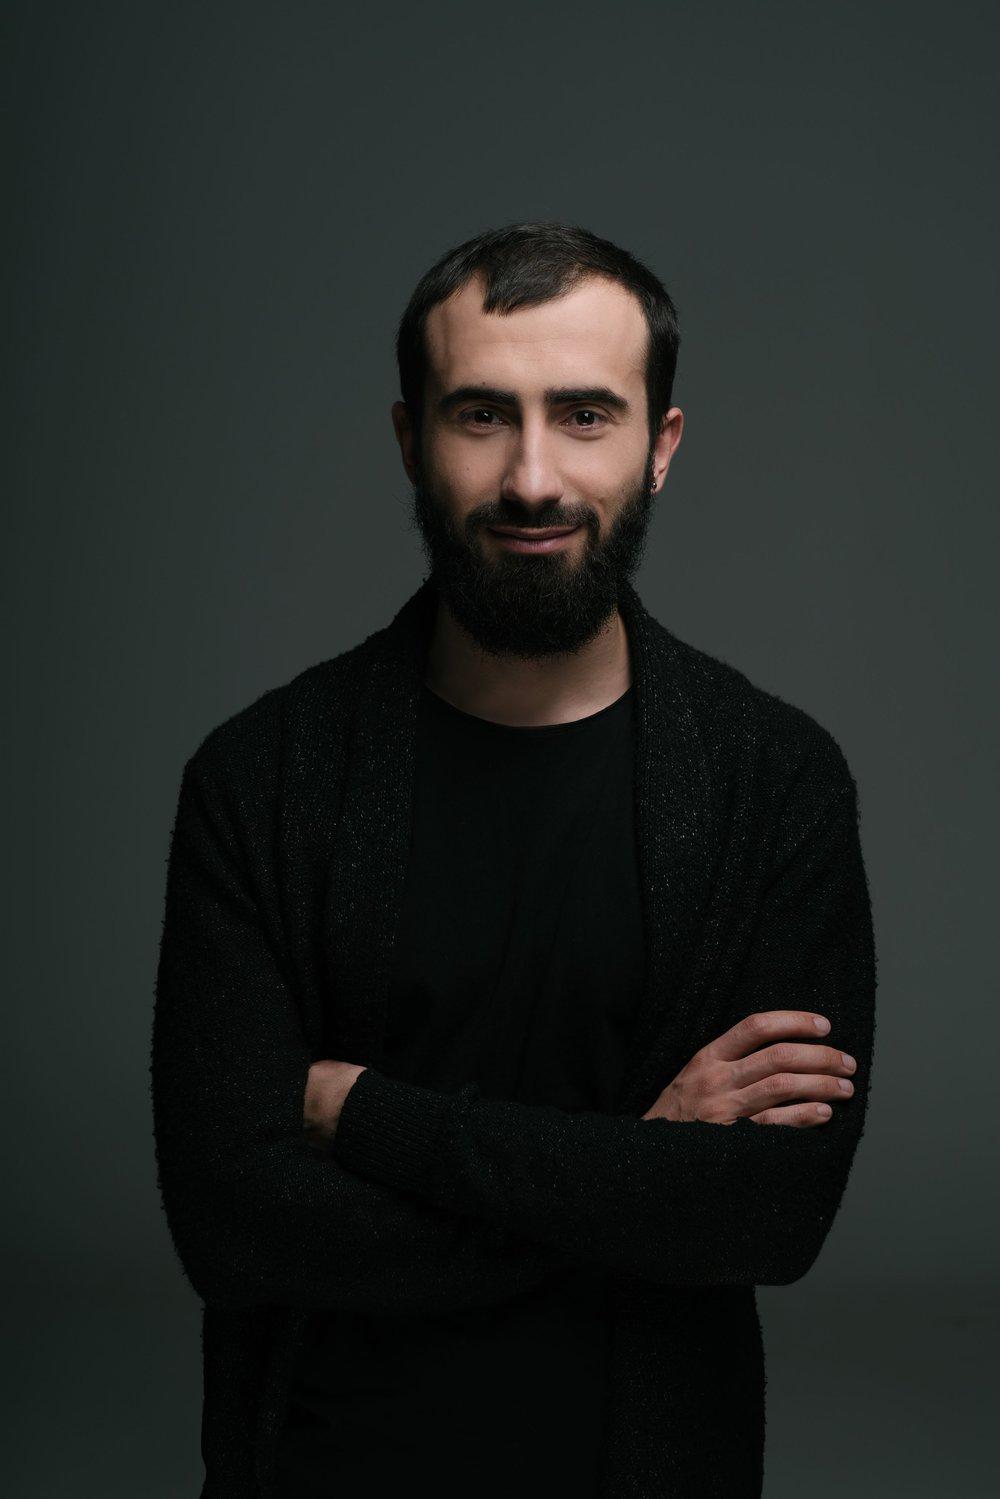 Андрій Баштовий - головний редактор The Village Україна